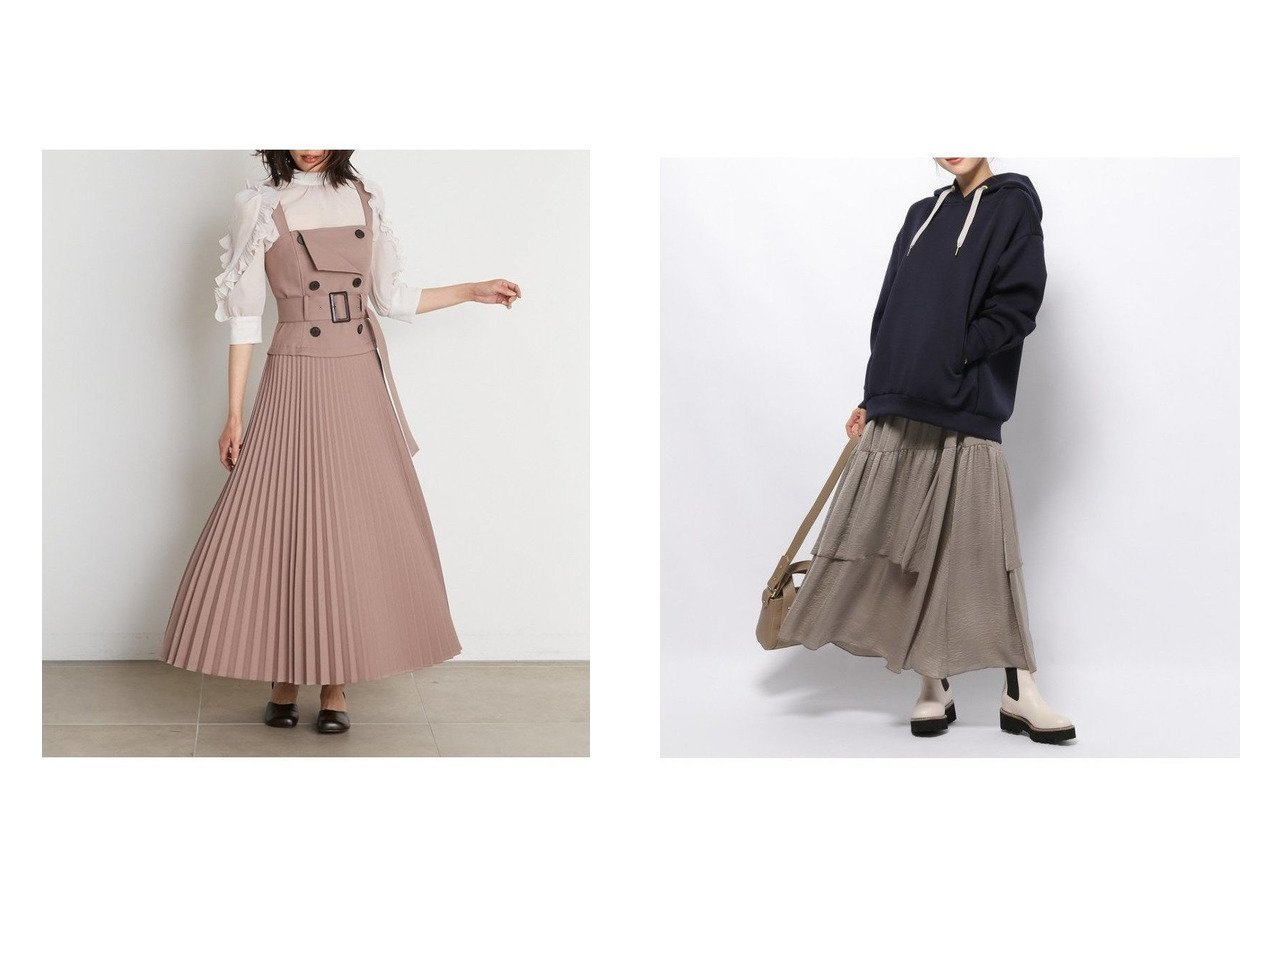 【BARNYARDSTORM/バンヤードストーム】のサテンアシメギャザーSK&【SNIDEL/スナイデル】のトレンチジャンパースカート 【スカート】おすすめ!人気、トレンド・レディースファッションの通販 おすすめで人気の流行・トレンド、ファッションの通販商品 インテリア・家具・メンズファッション・キッズファッション・レディースファッション・服の通販 founy(ファニー) https://founy.com/ ファッション Fashion レディースファッション WOMEN スカート Skirt シャーリング ストレッチ チェック ツイル フィット プリーツ マキシ ロング |ID:crp329100000071379